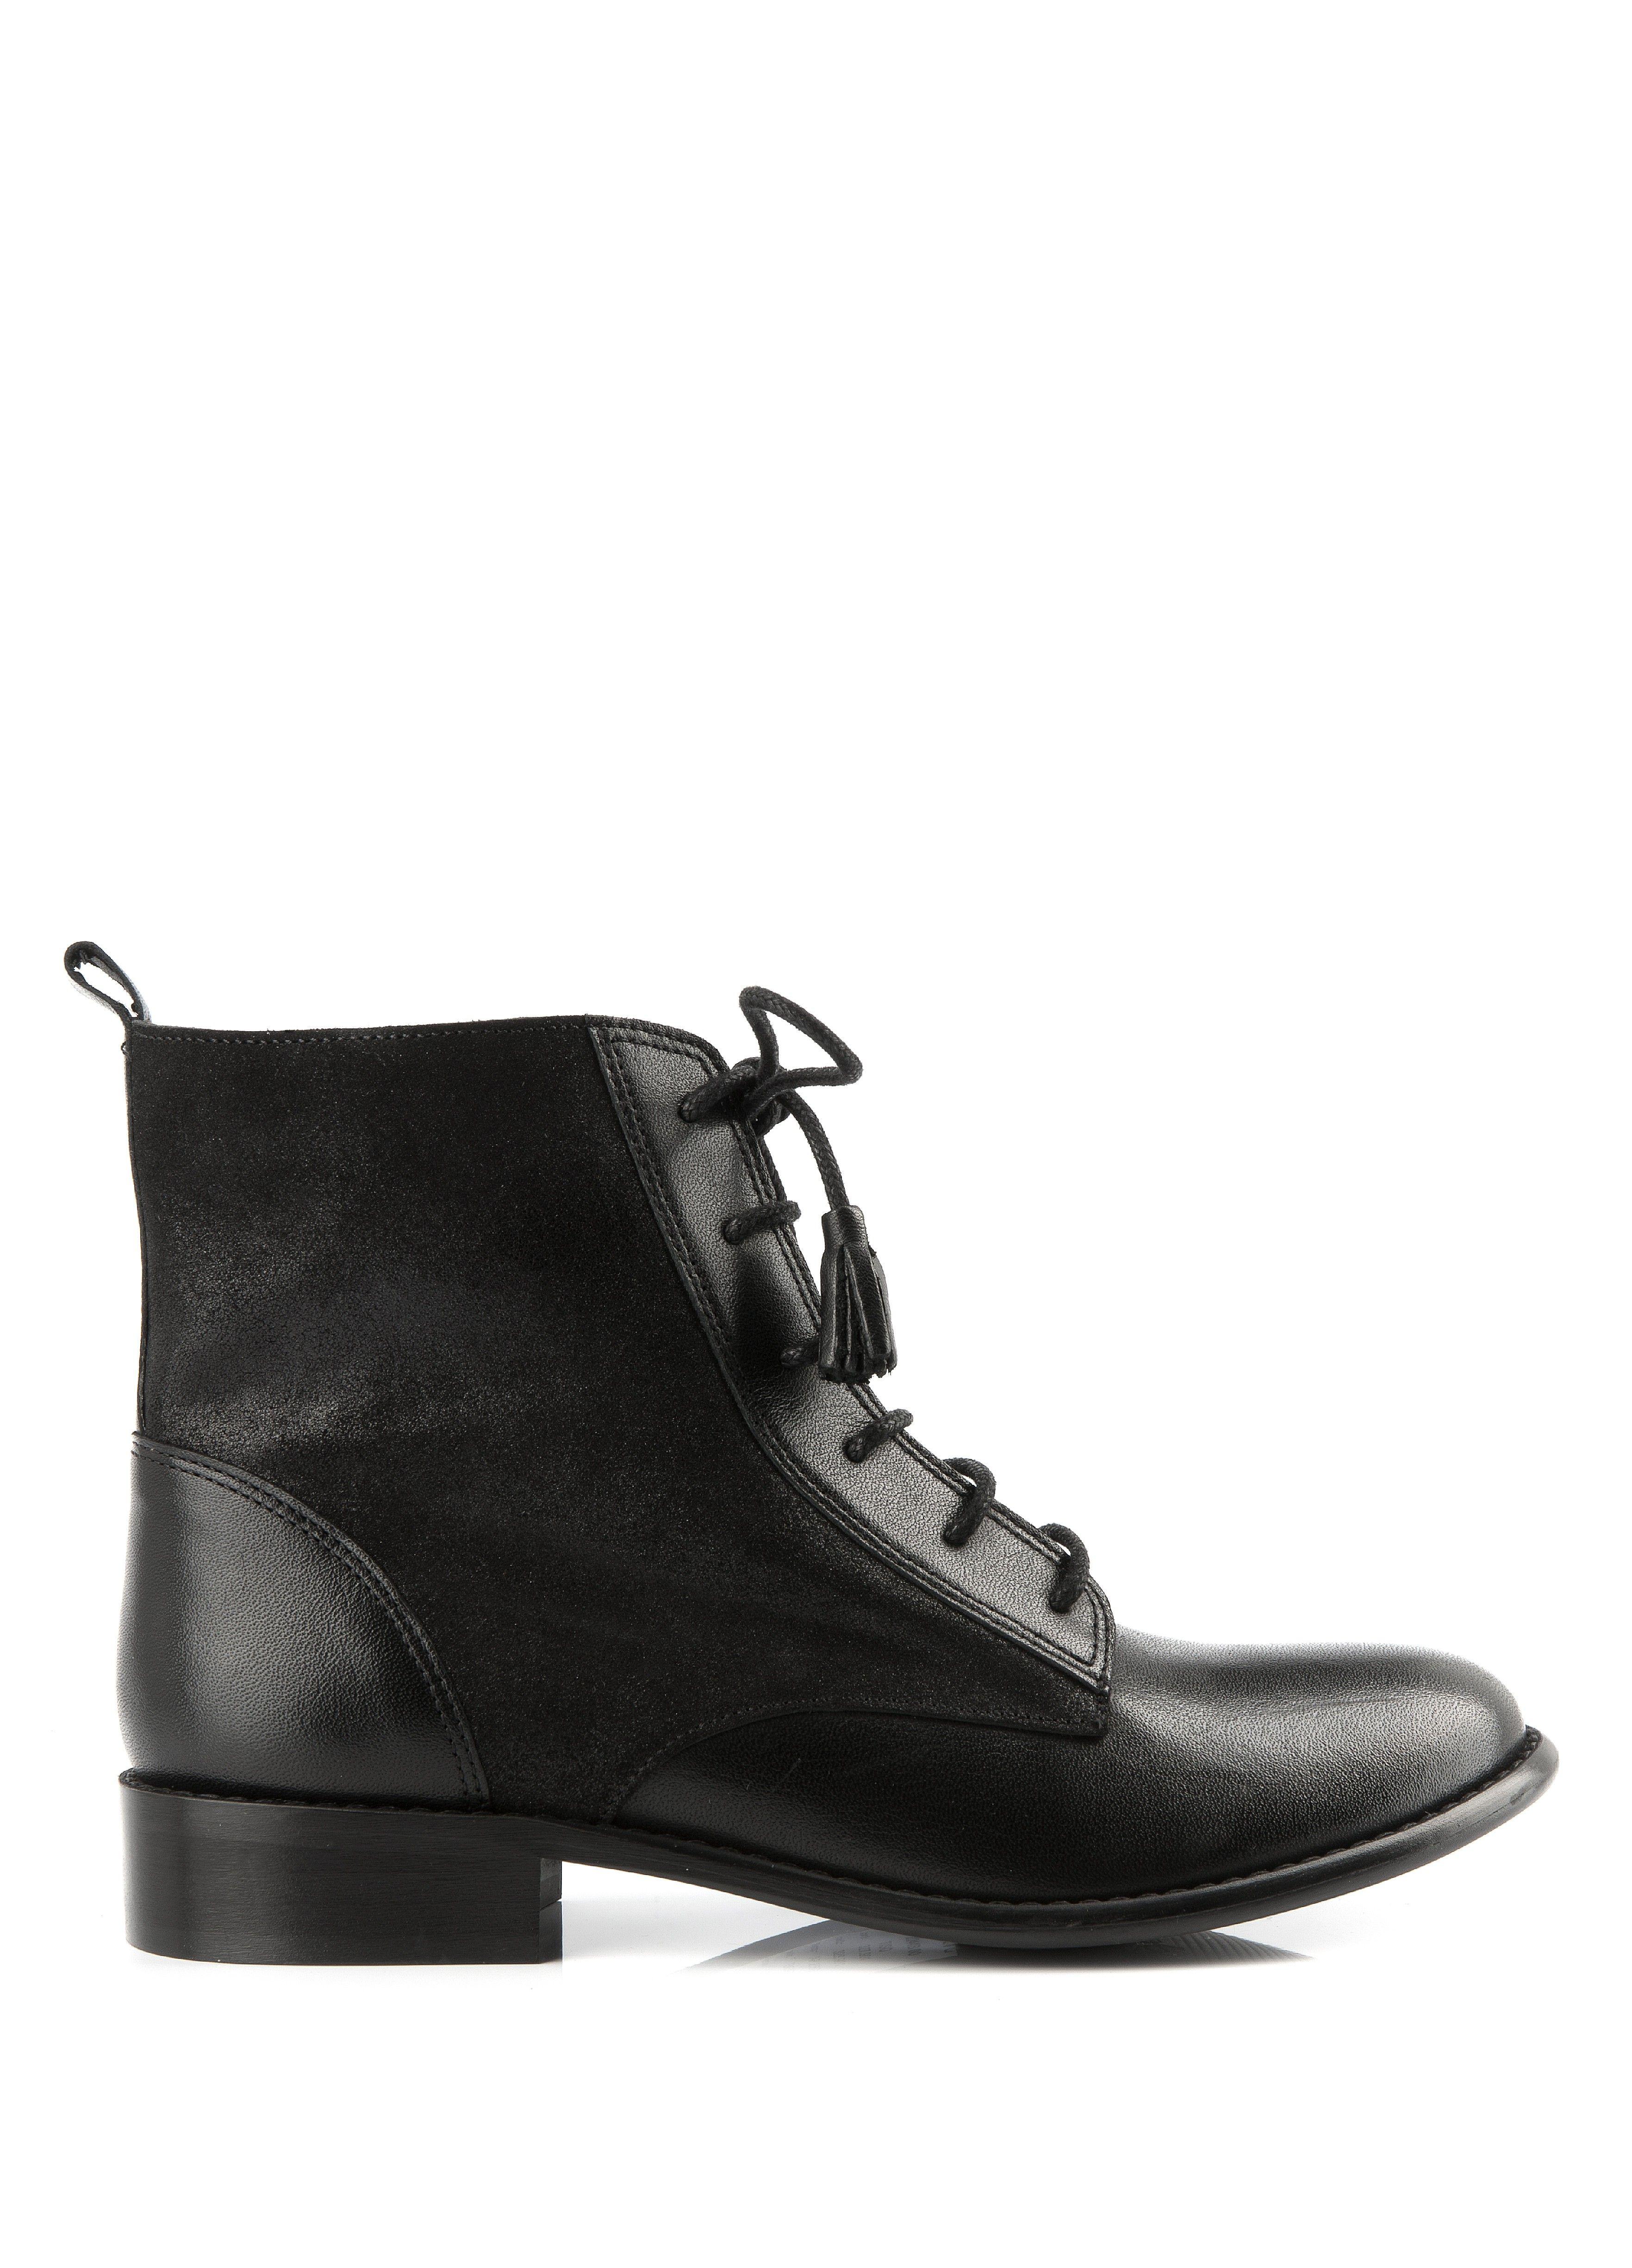 bottine tiso noir - bottines plates - chaussures femme - femme